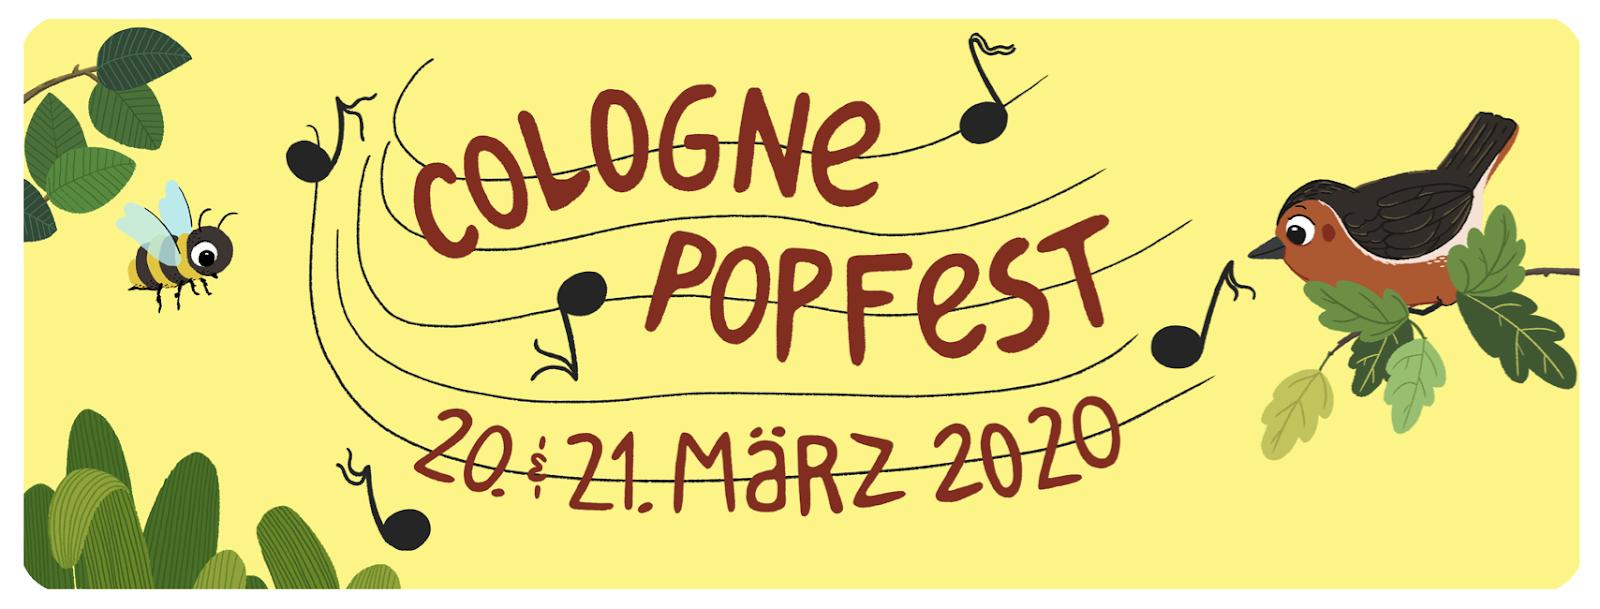 Cologne Popfest